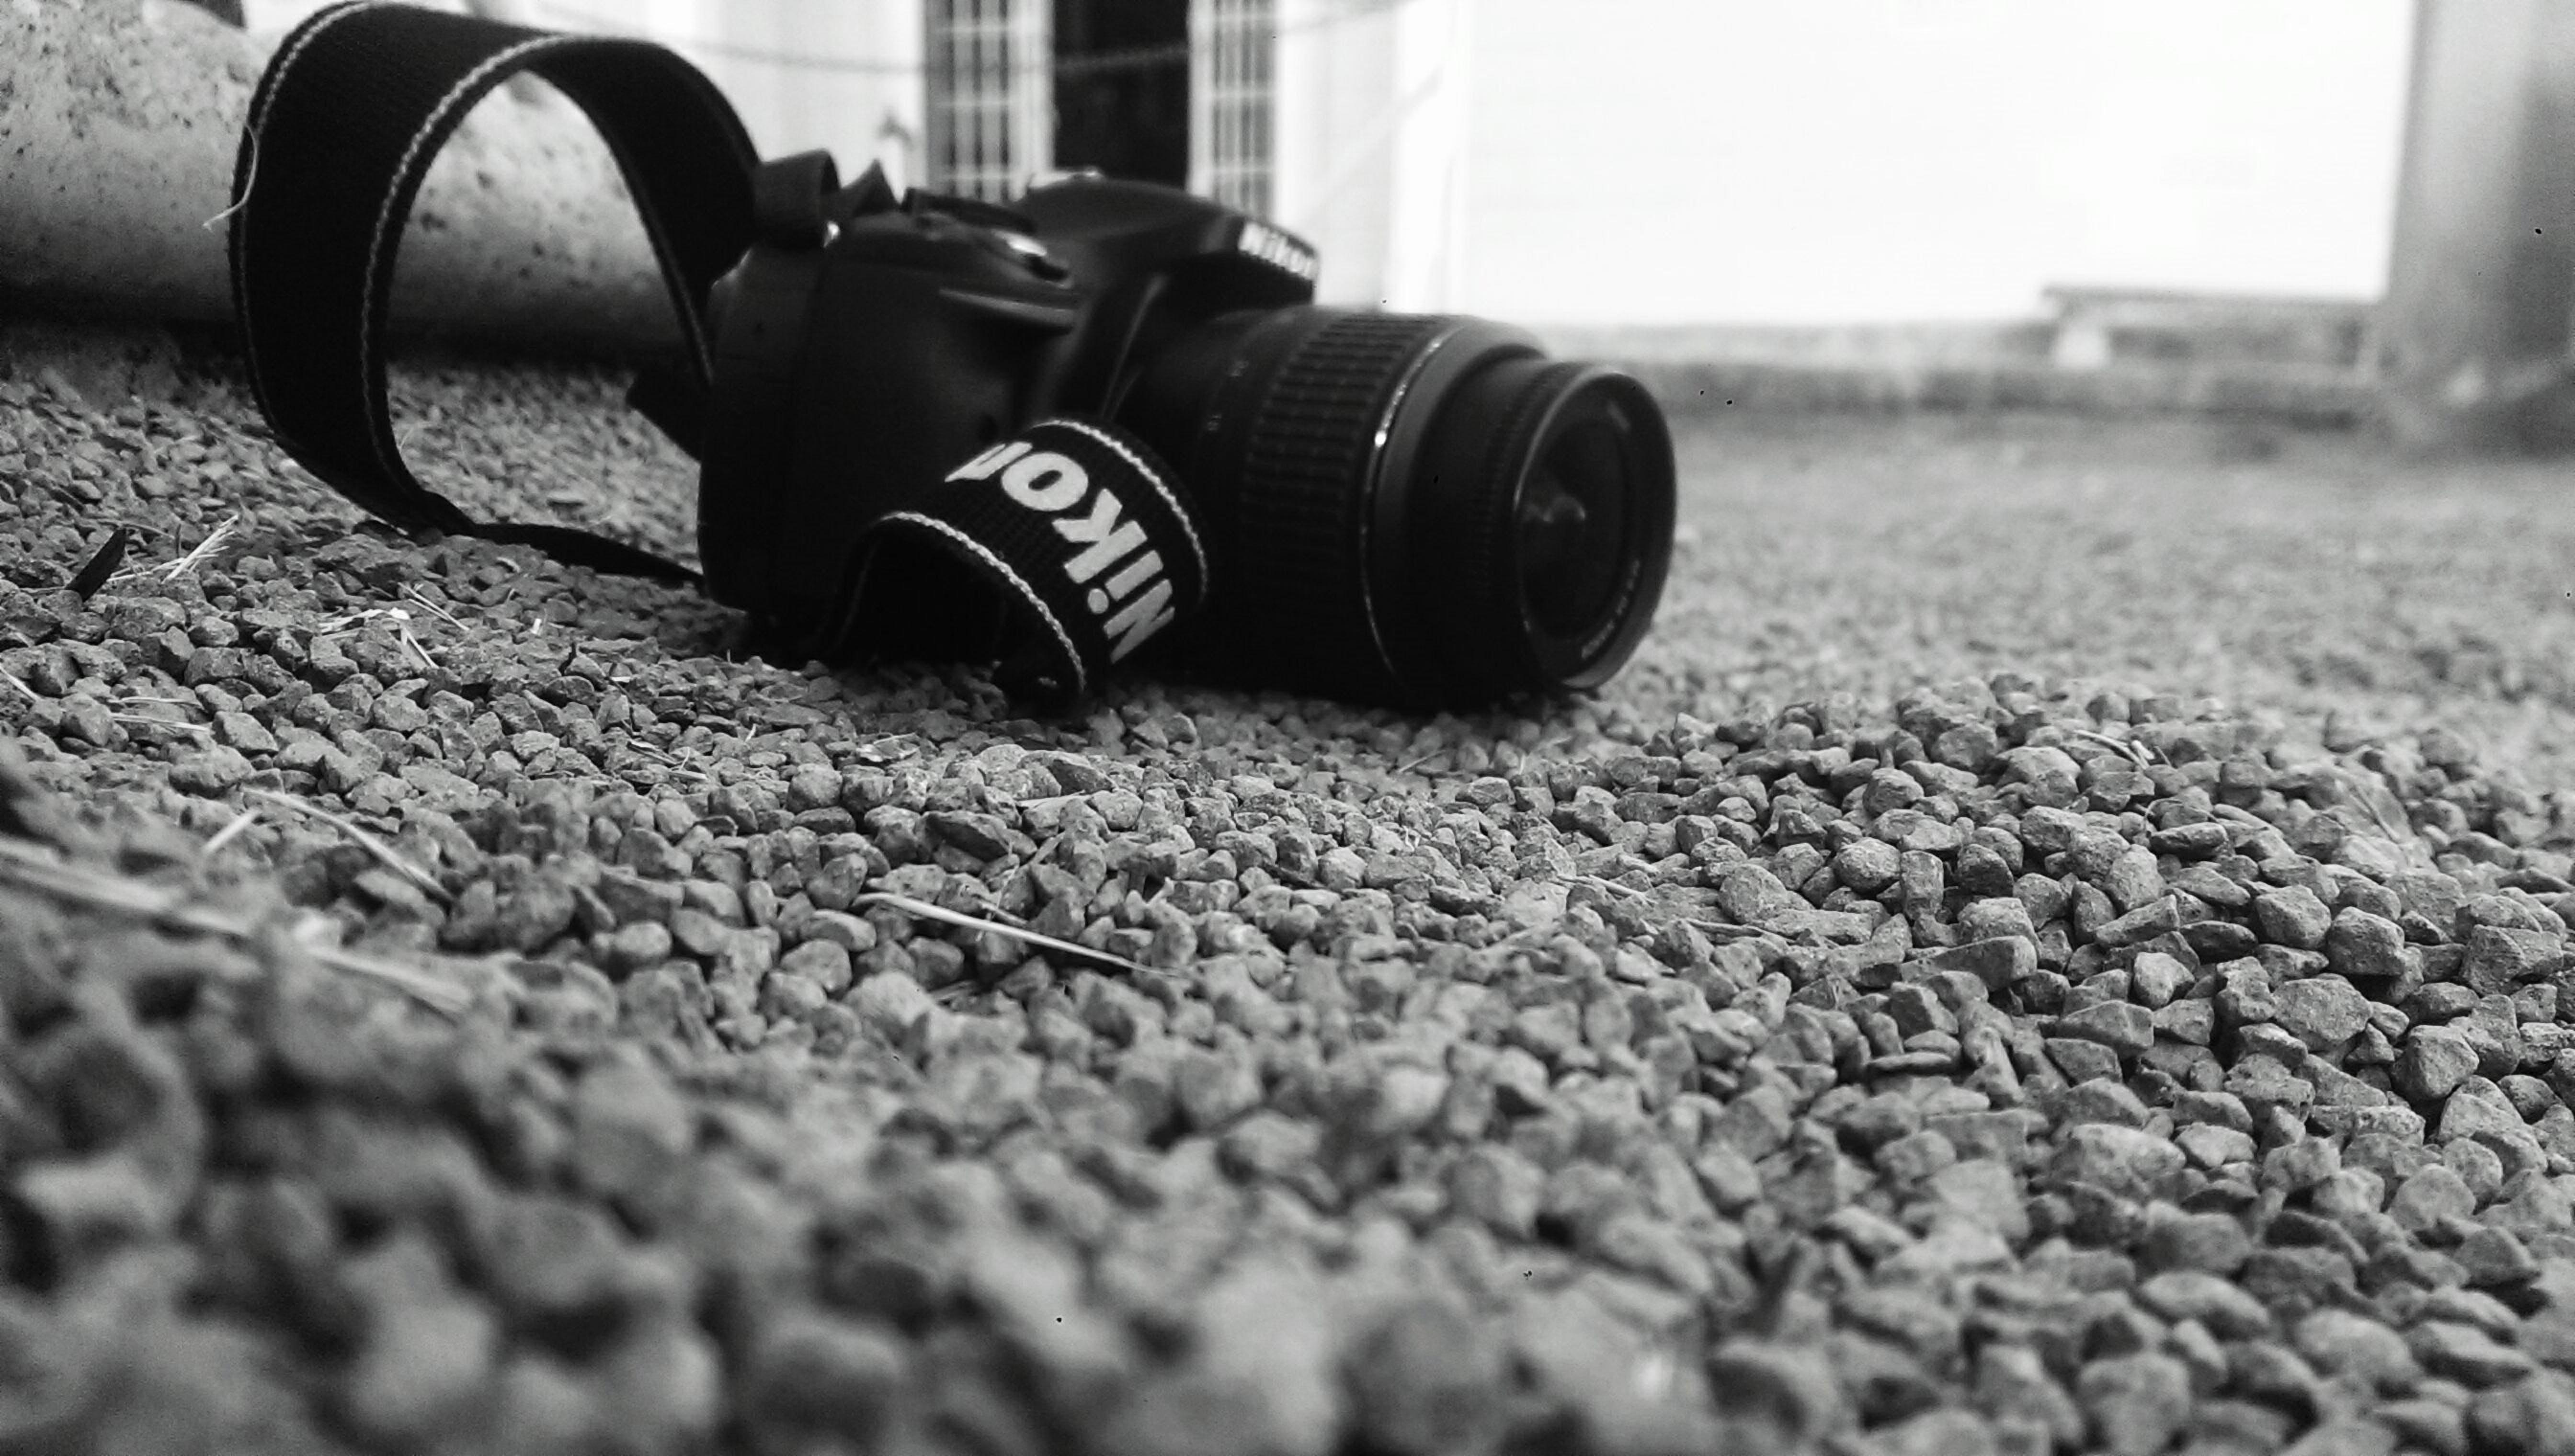 Kostenloses Stock Foto zu schwarz und weiß, kamera, felsen, fotografie